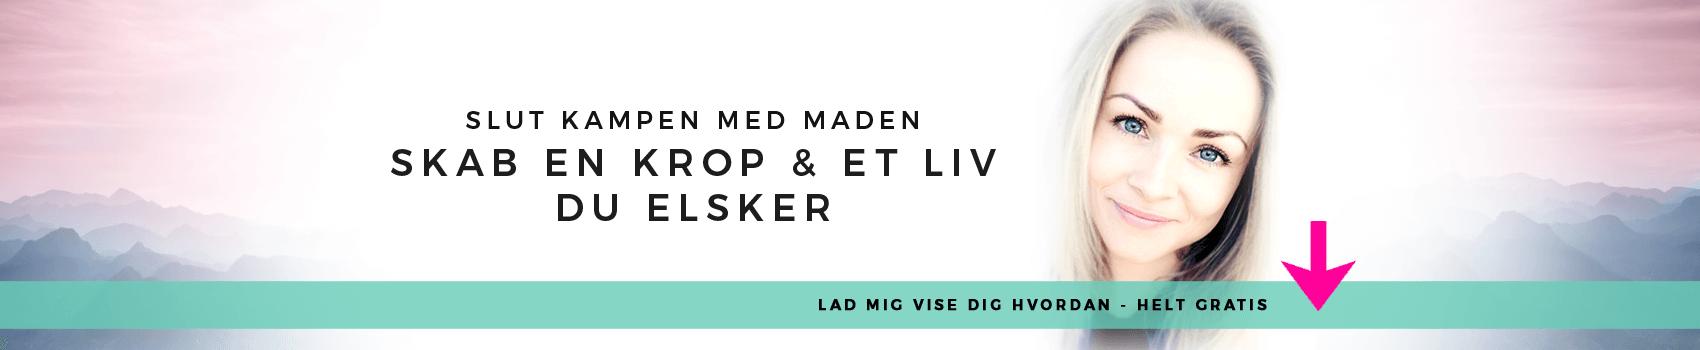 Karolina Kærsner SundhedsCoach & Livsstilsmentor